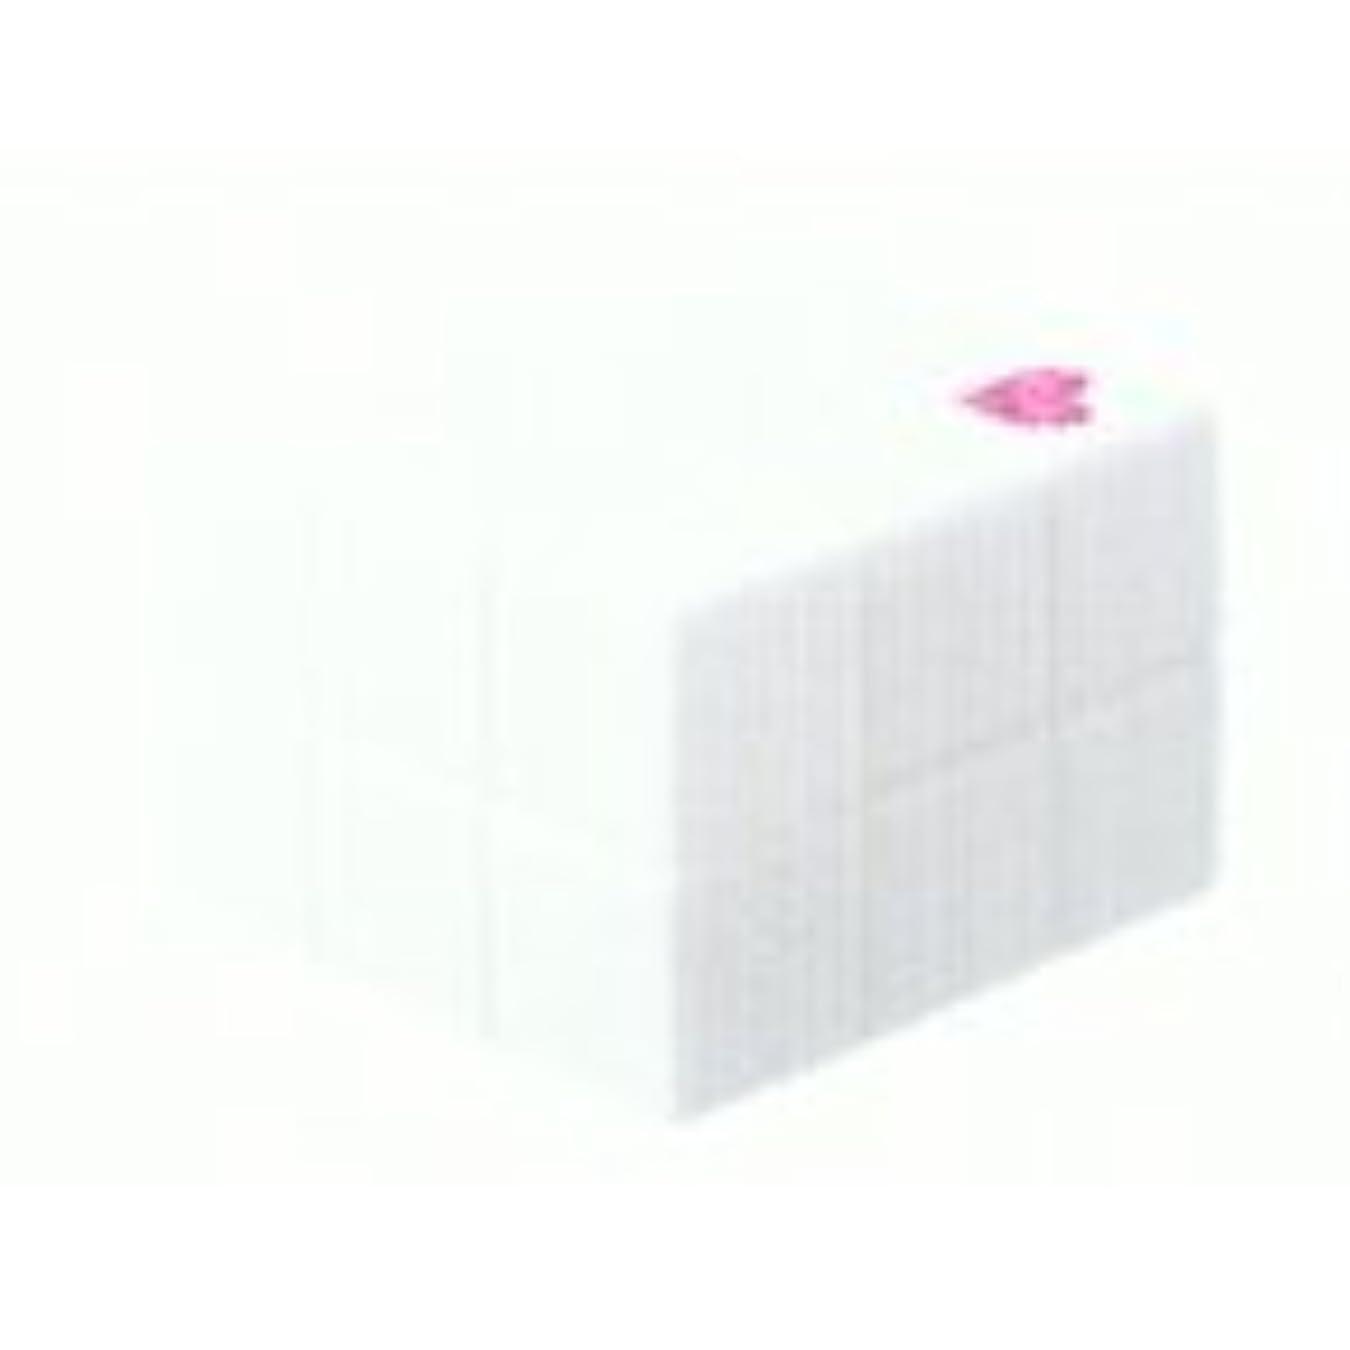 セレナ絶望心配するアリミノ ピース グロスワックス40g(ホワイト)